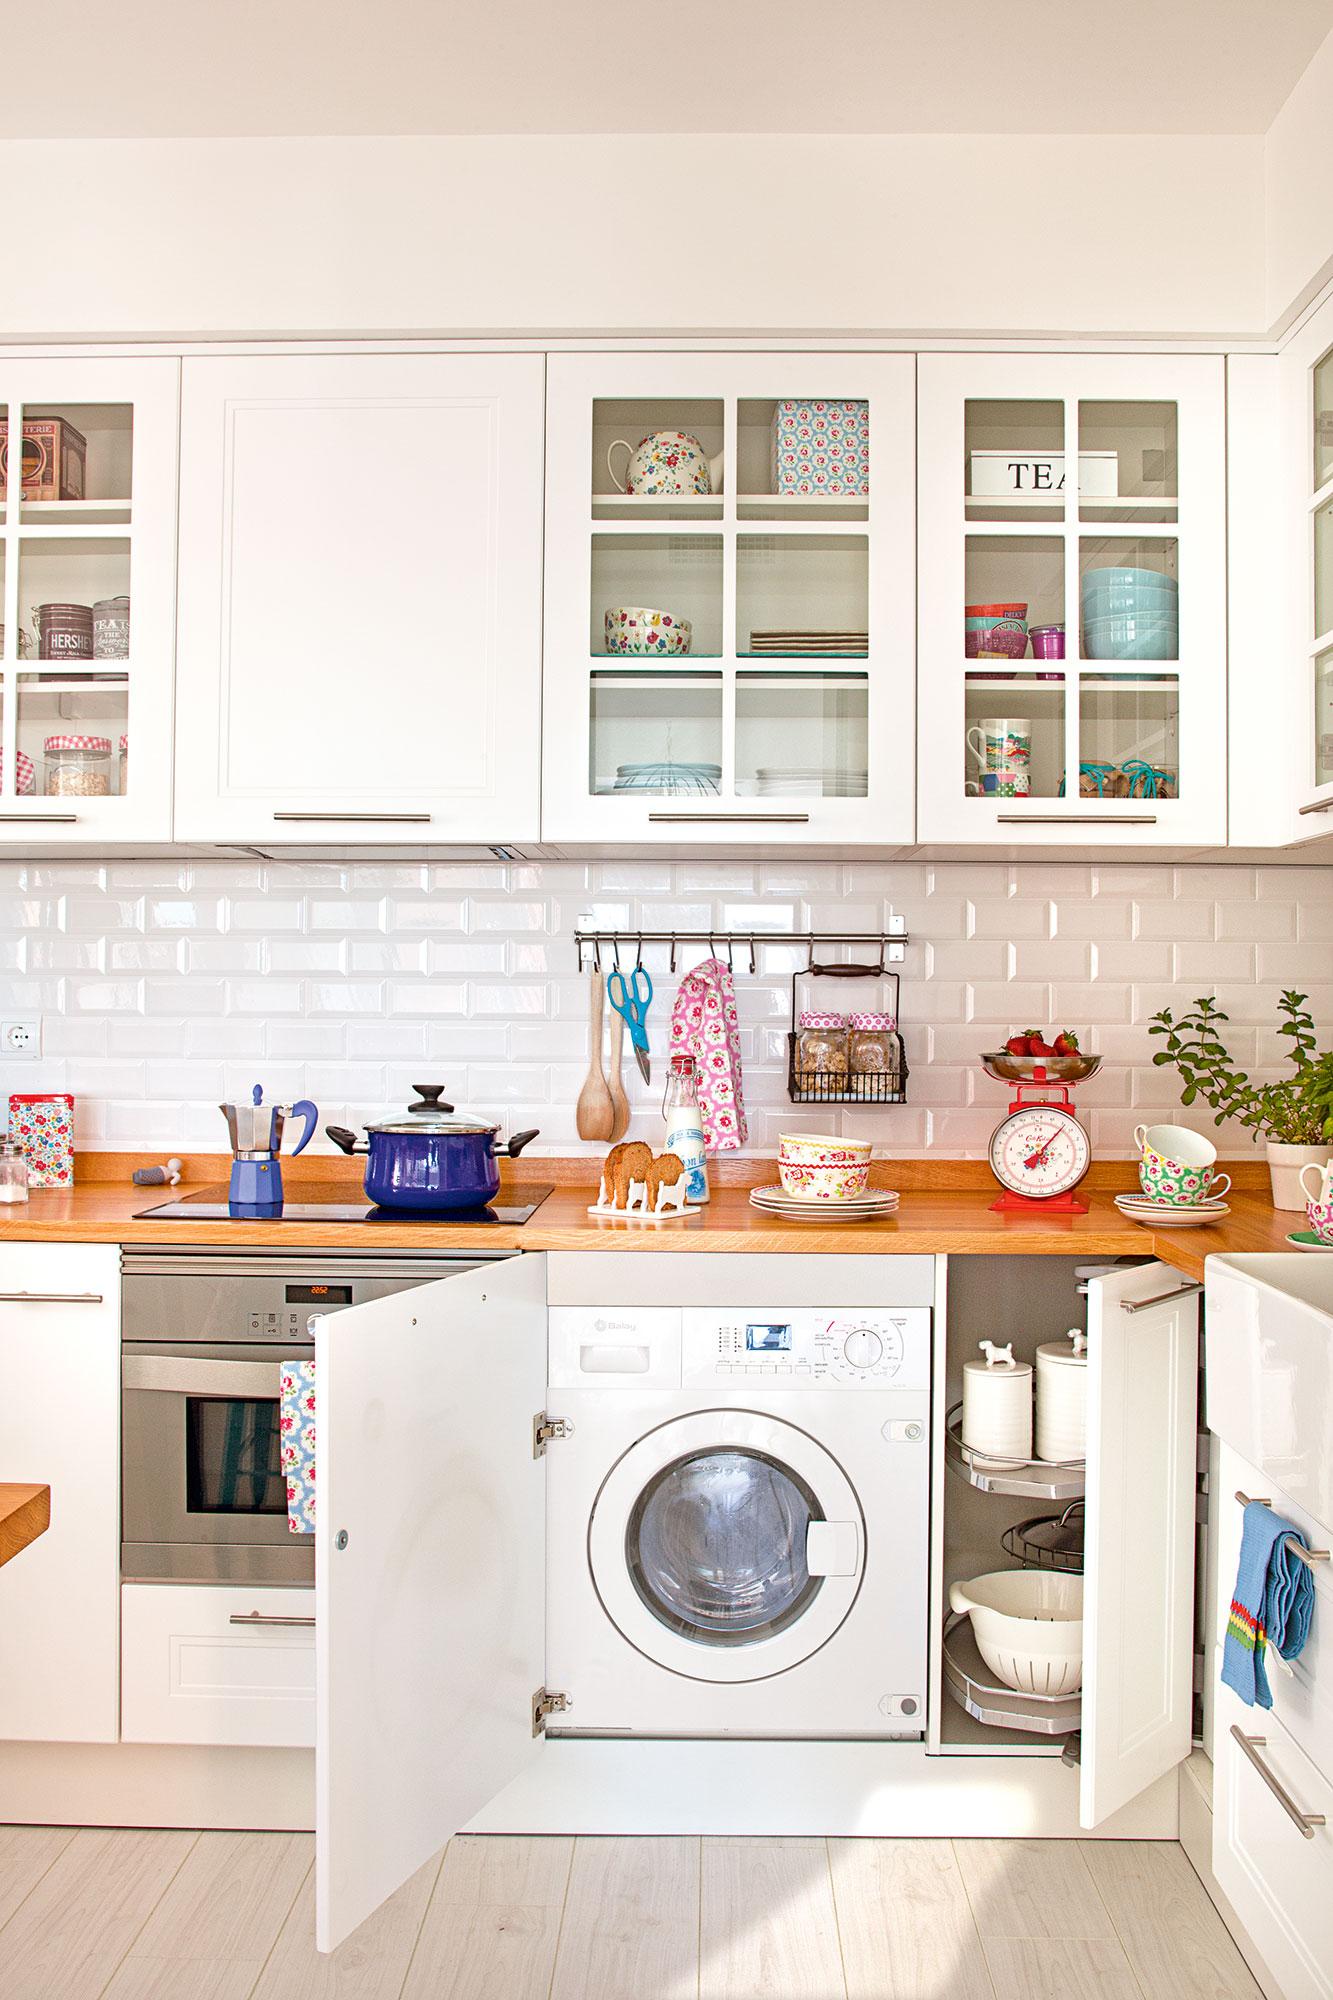 D nde poner la lavadora en casa - Cocinas con encimeras de madera ...